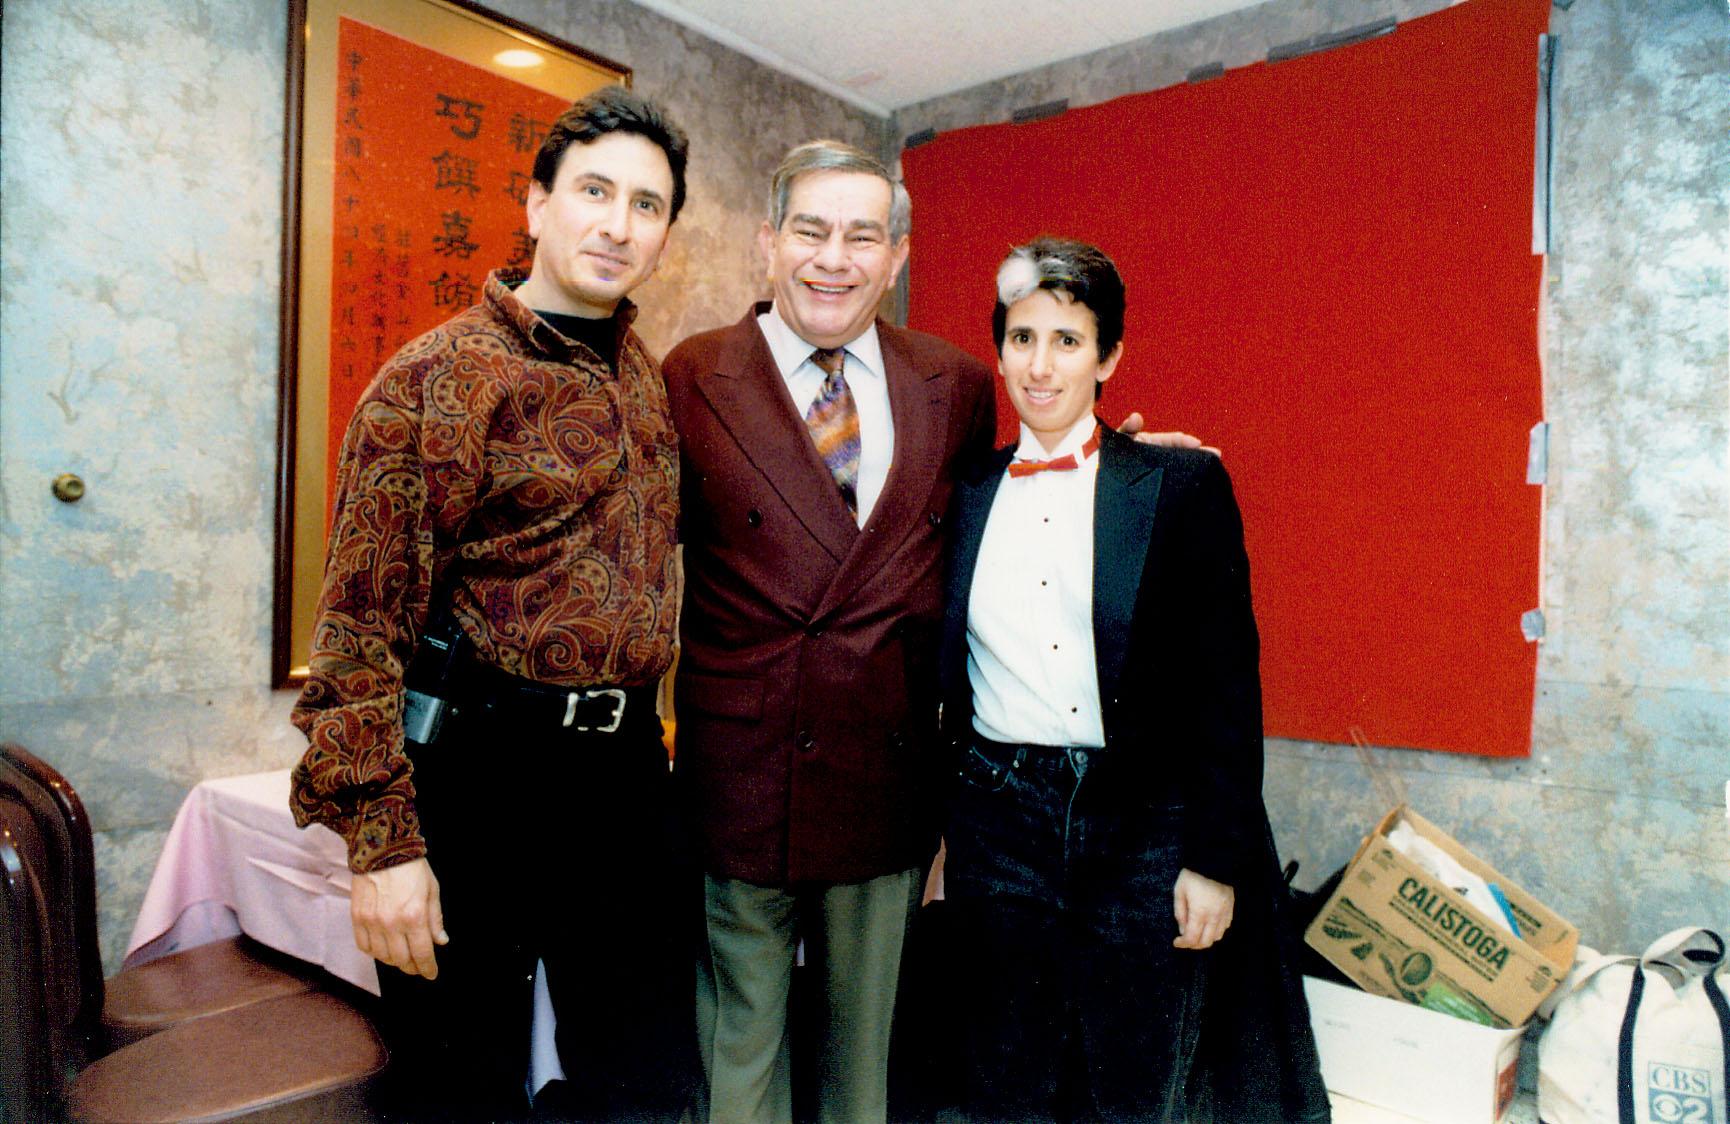 Lawrence Helman (staff), Freddie Roman, and Lisa Geduldig, 1998